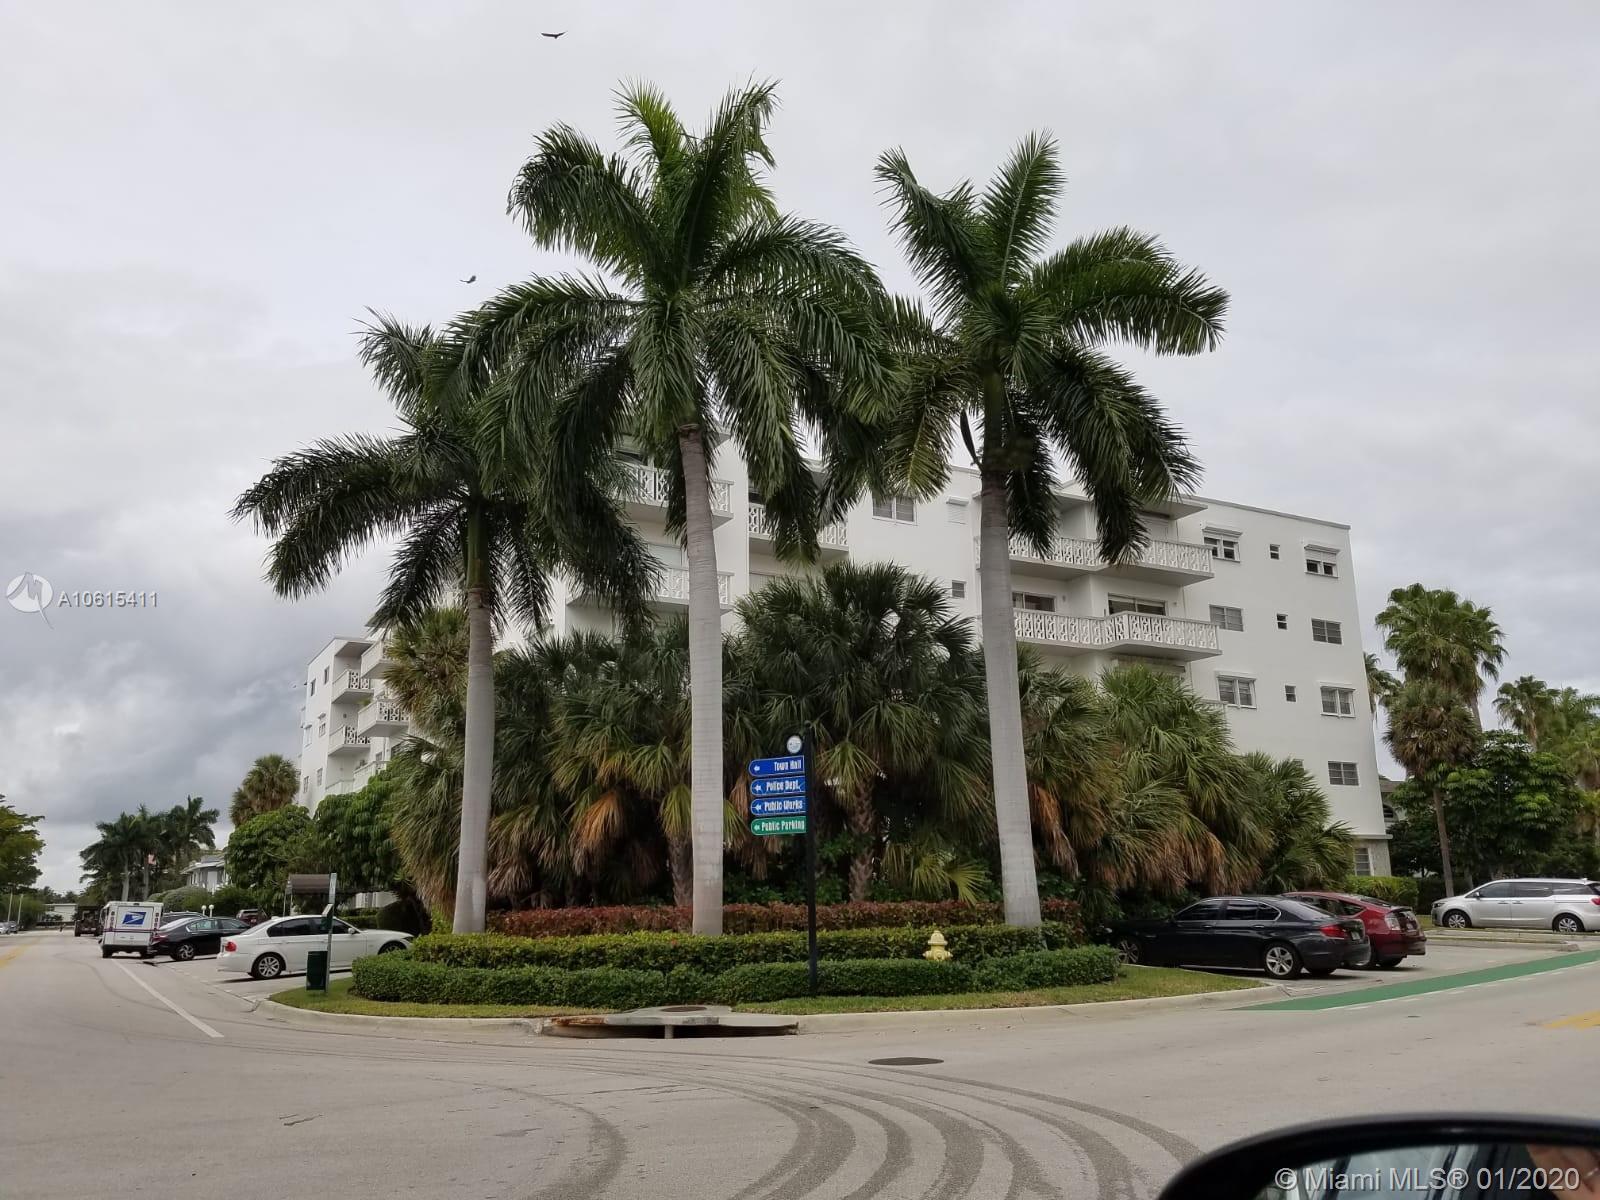 9700 E Bay Harbor Dr #209 For Sale A10615411, FL